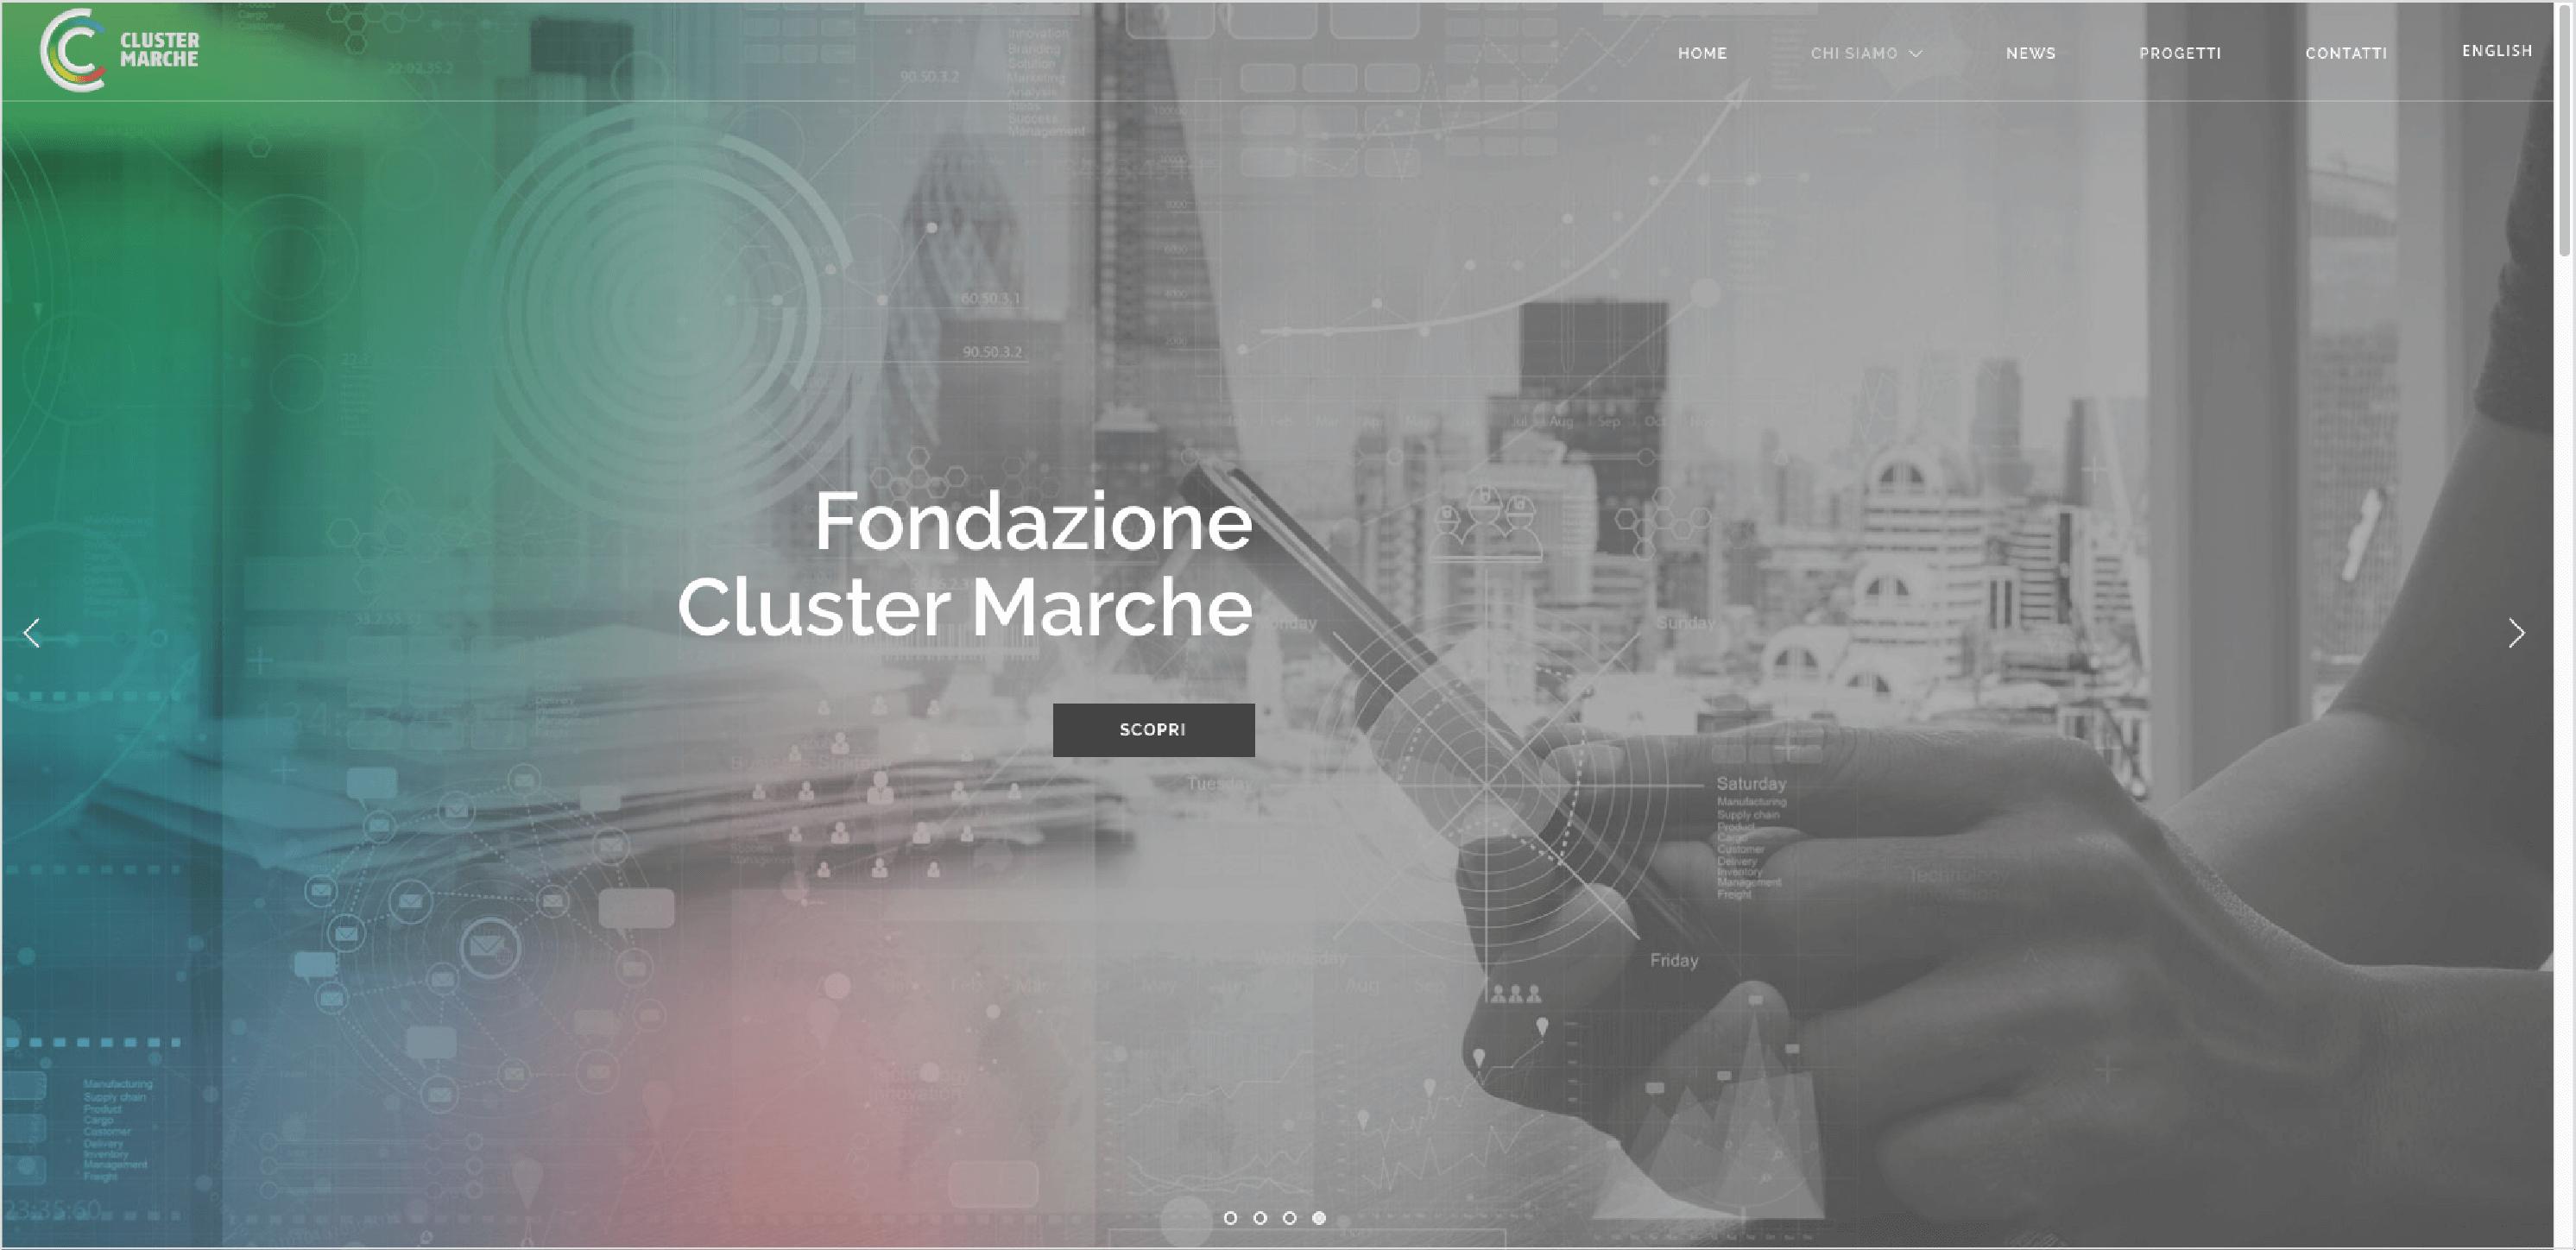 Fondazione Cluster Marche